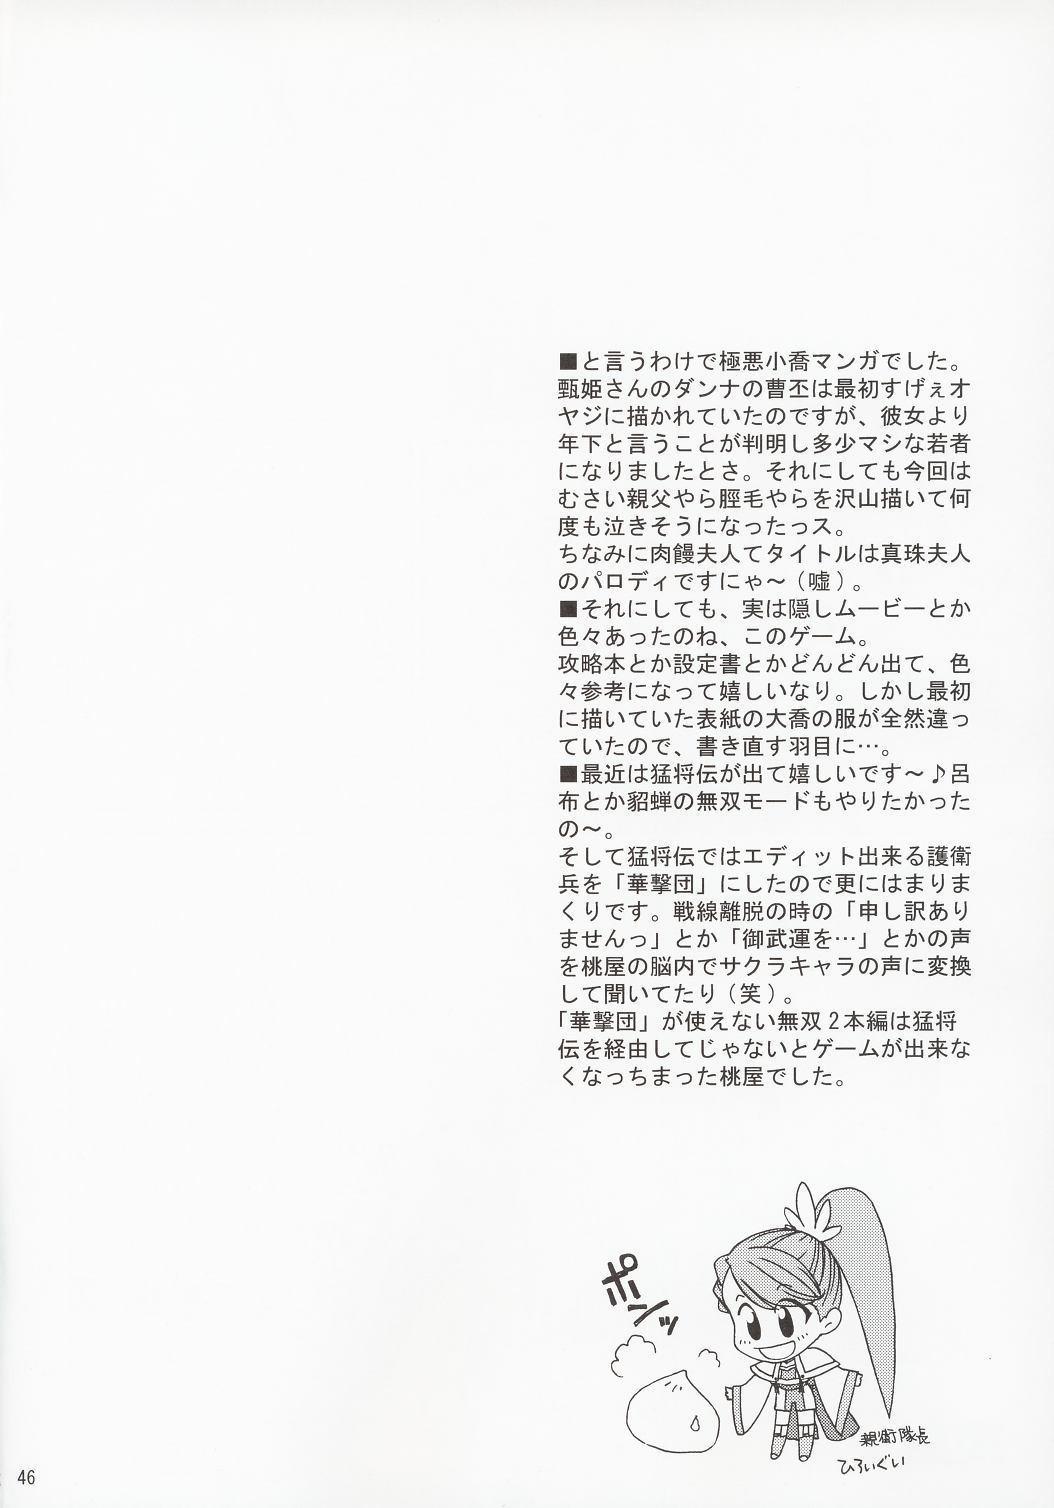 In Sangoku Musou 44